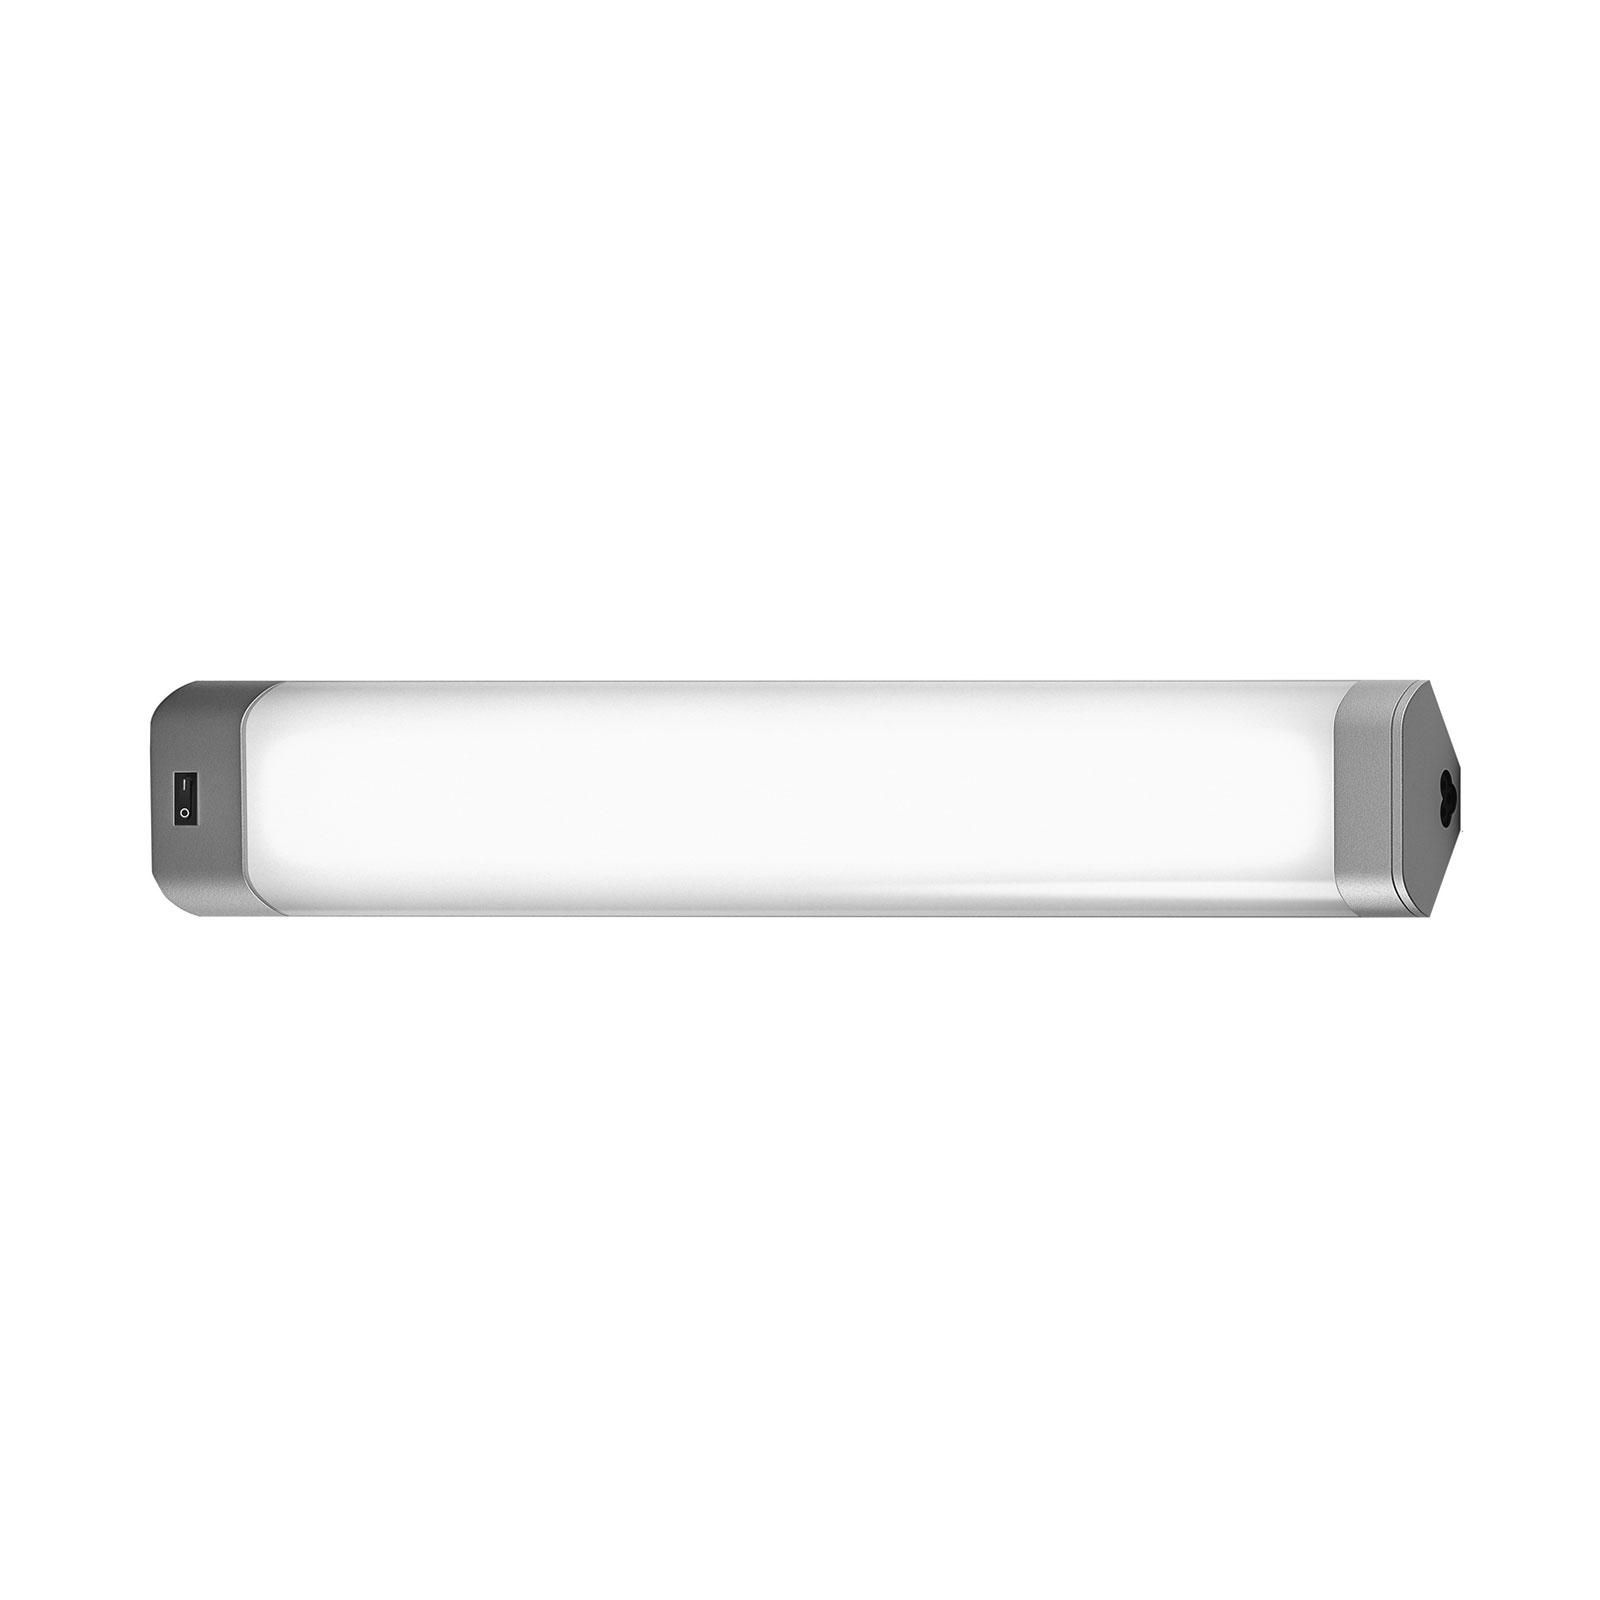 LEDVANCE Linear LED Corner bänklampa 0,5 m